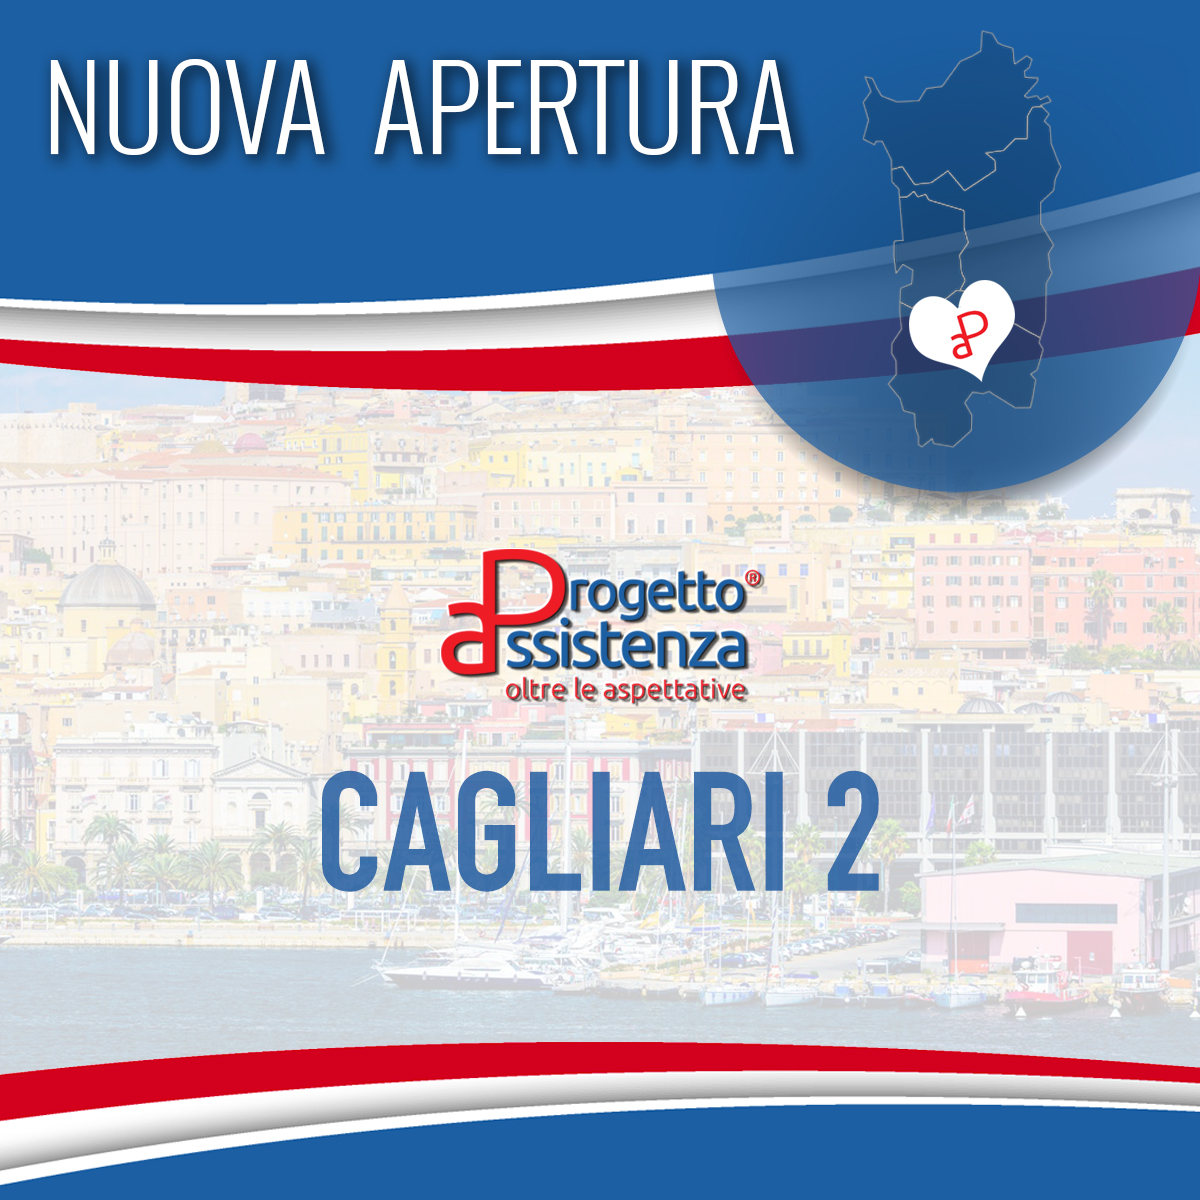 Nuova Apertura: Cagliari2